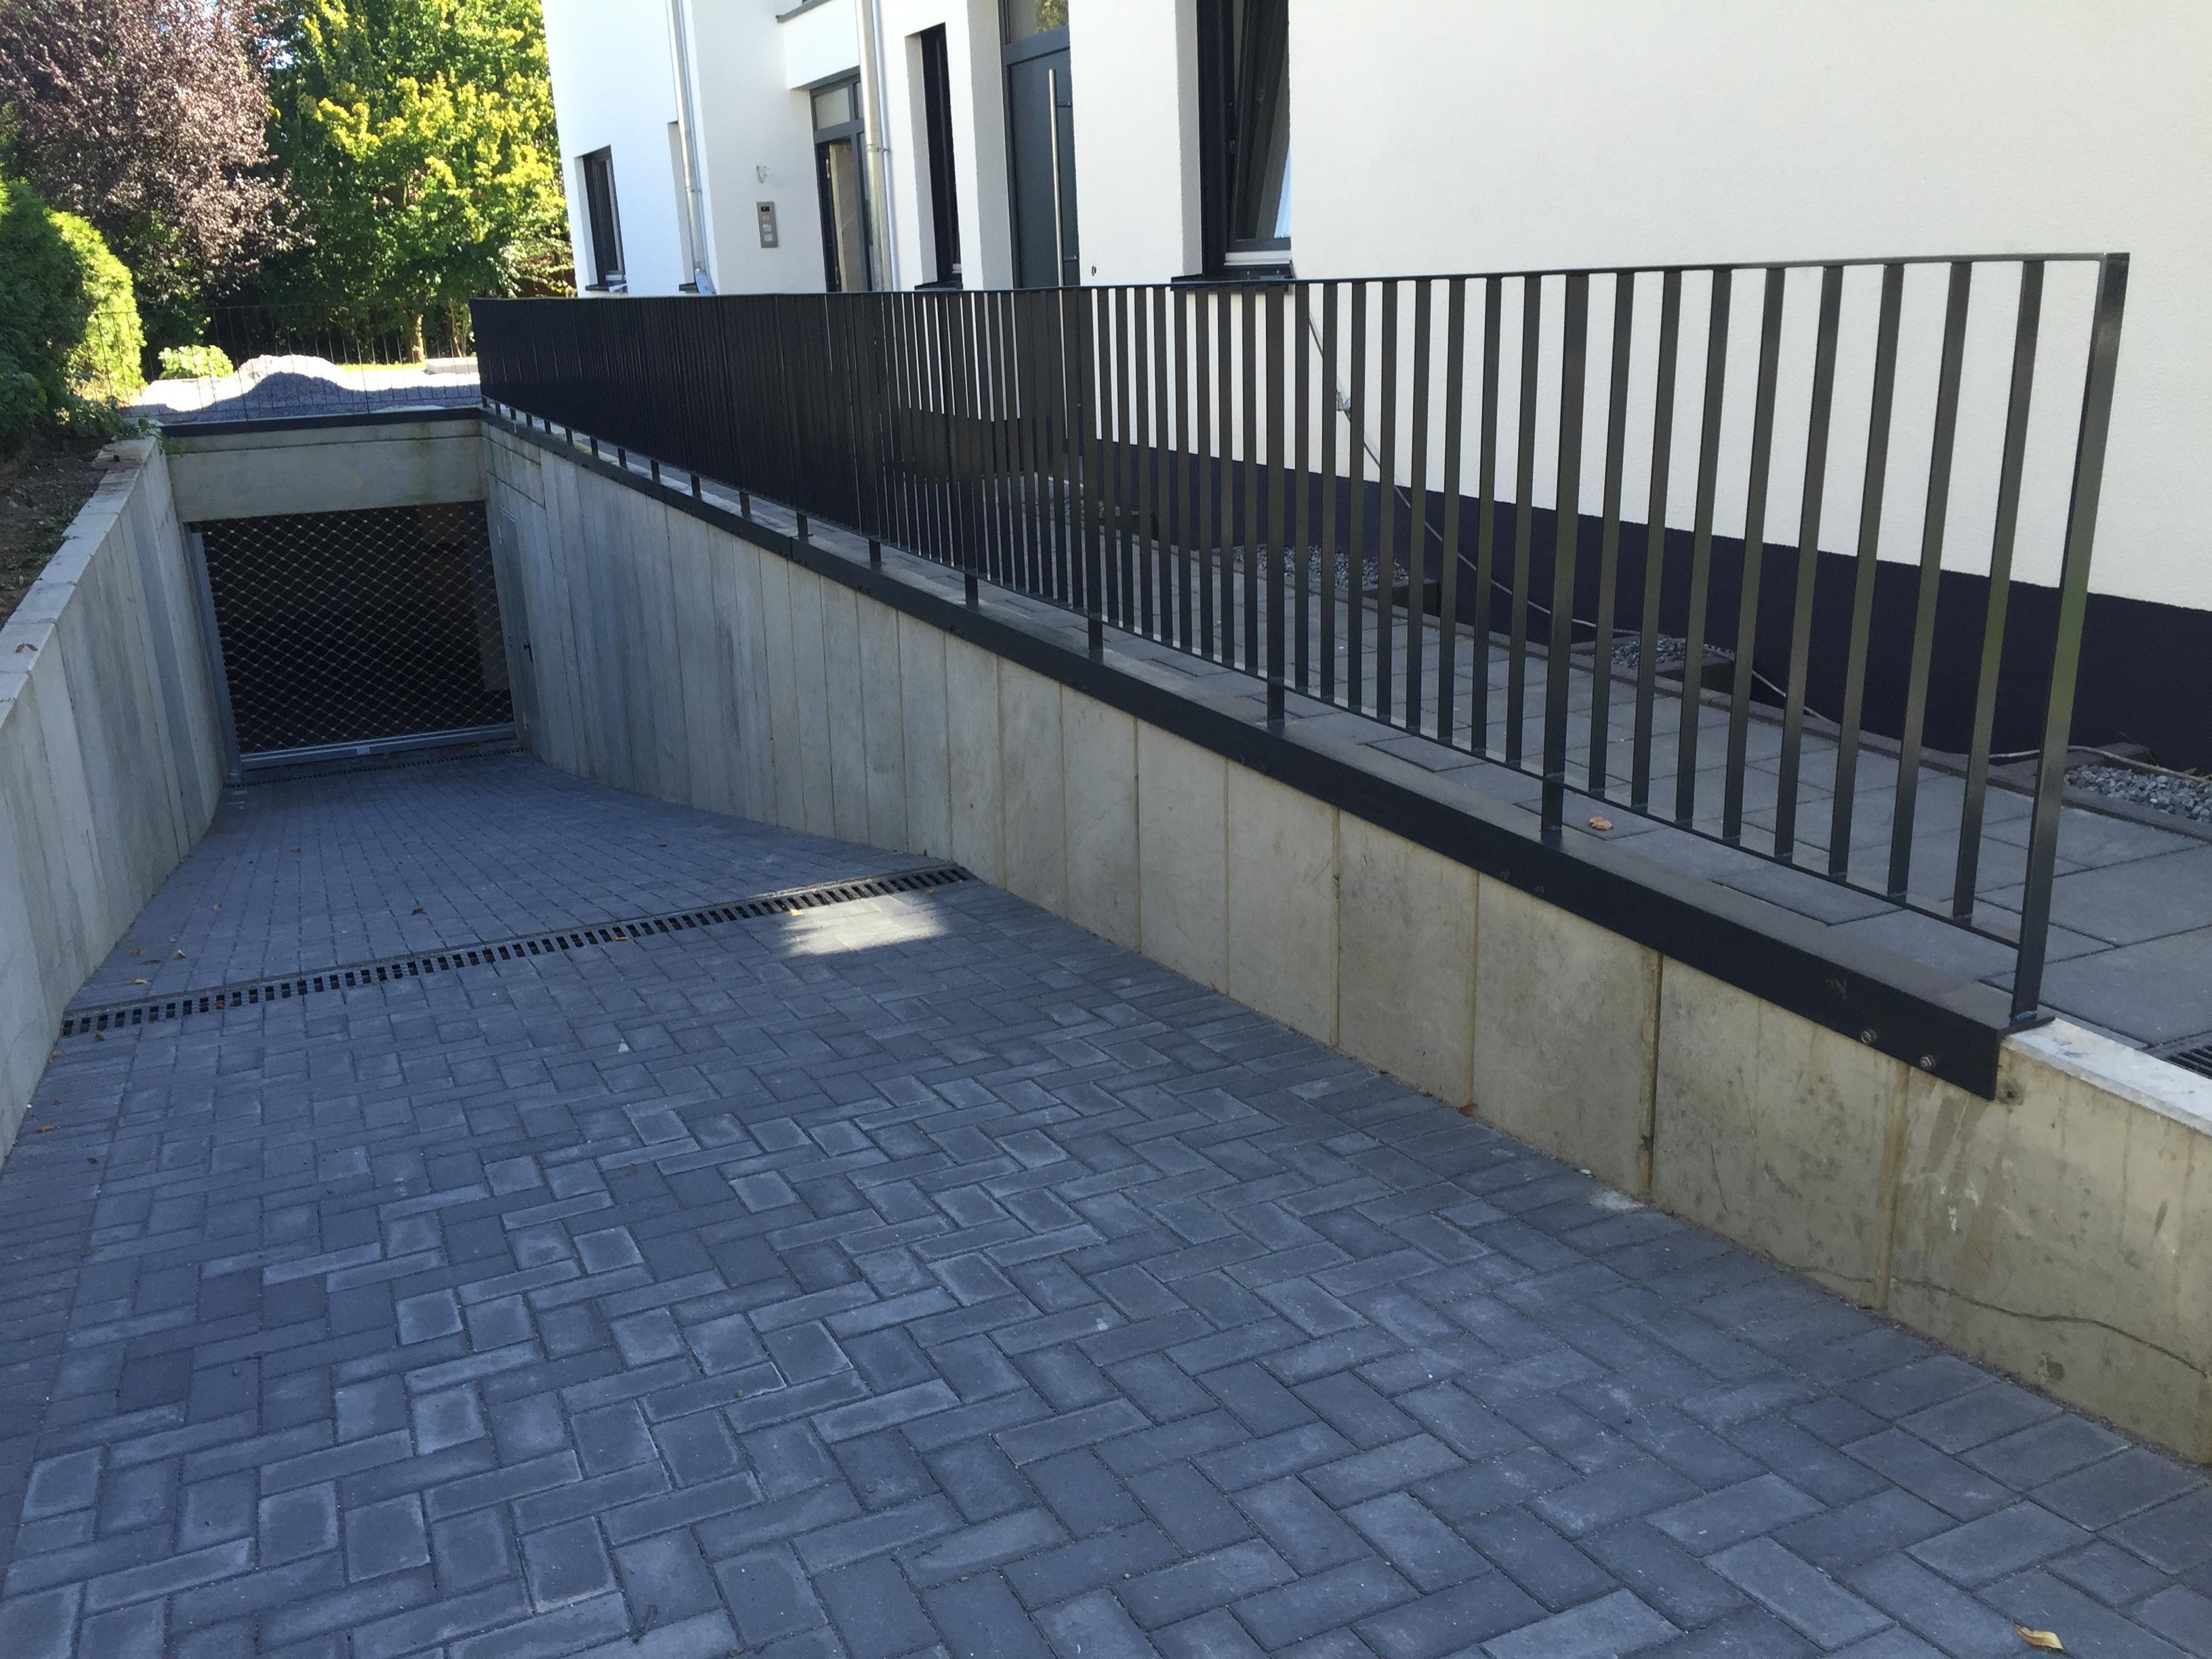 gel nder flachstahl verzinkt und pulverbeschichtet in ral 7016 steelvoll. Black Bedroom Furniture Sets. Home Design Ideas